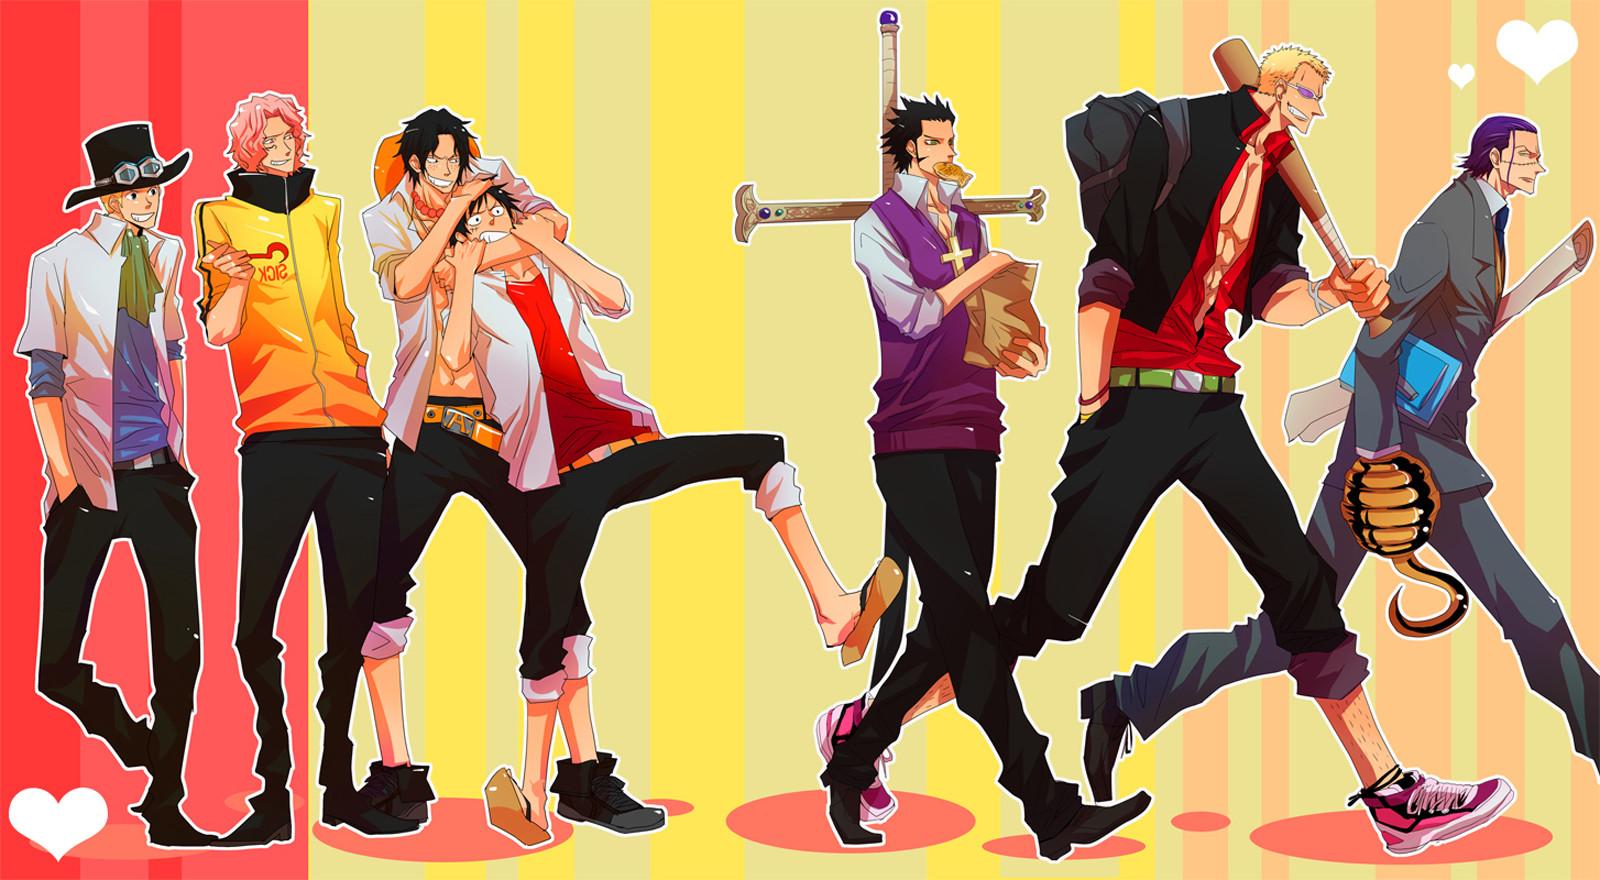 Gambar Lucu Bergerak One Piece Terbaru Display Picture Unik